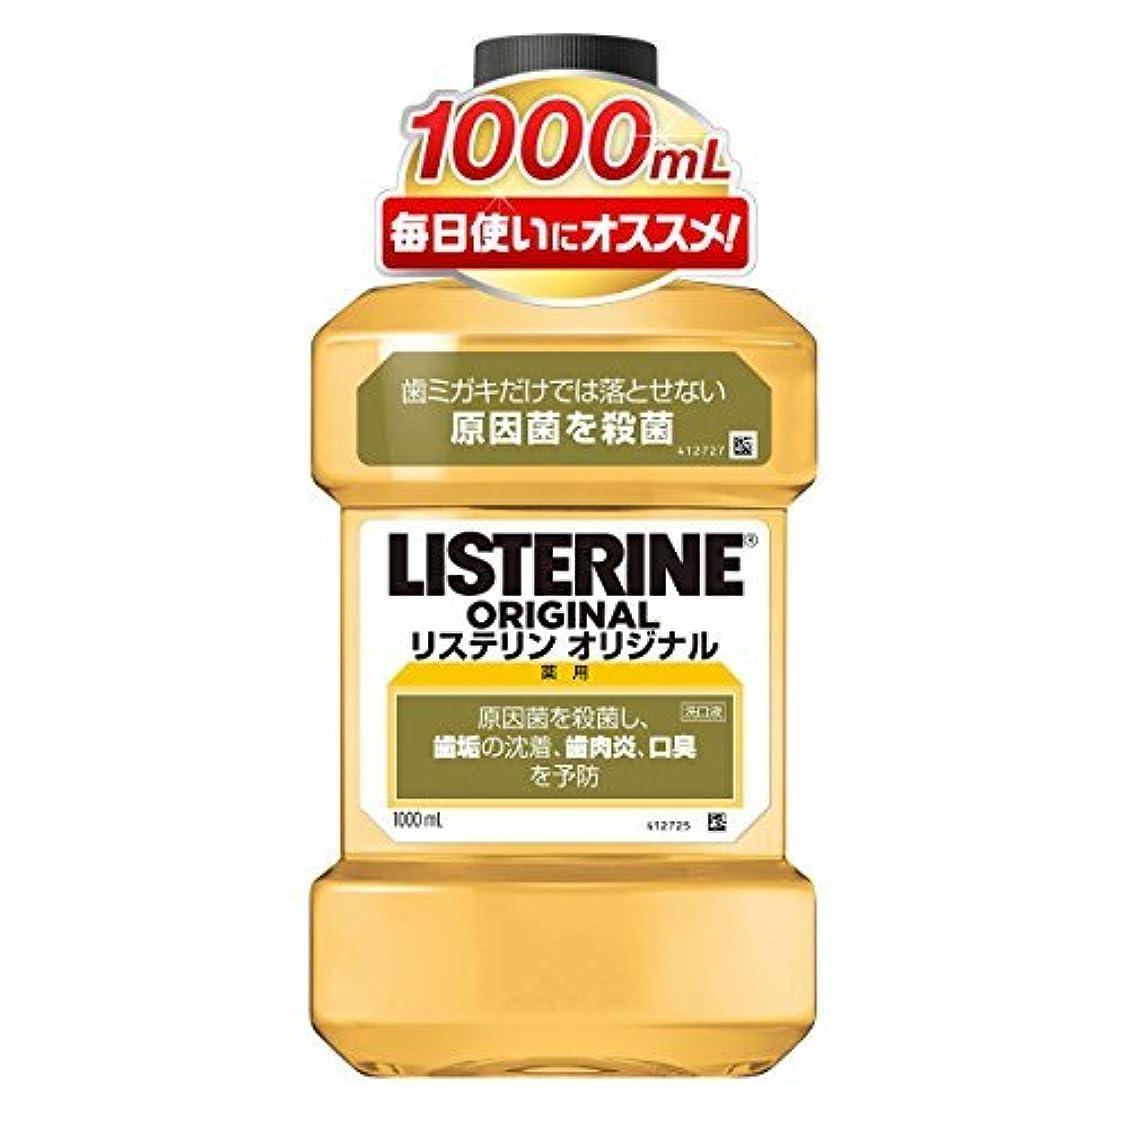 薬用リステリン オリジナル 1000ml ×6個セット